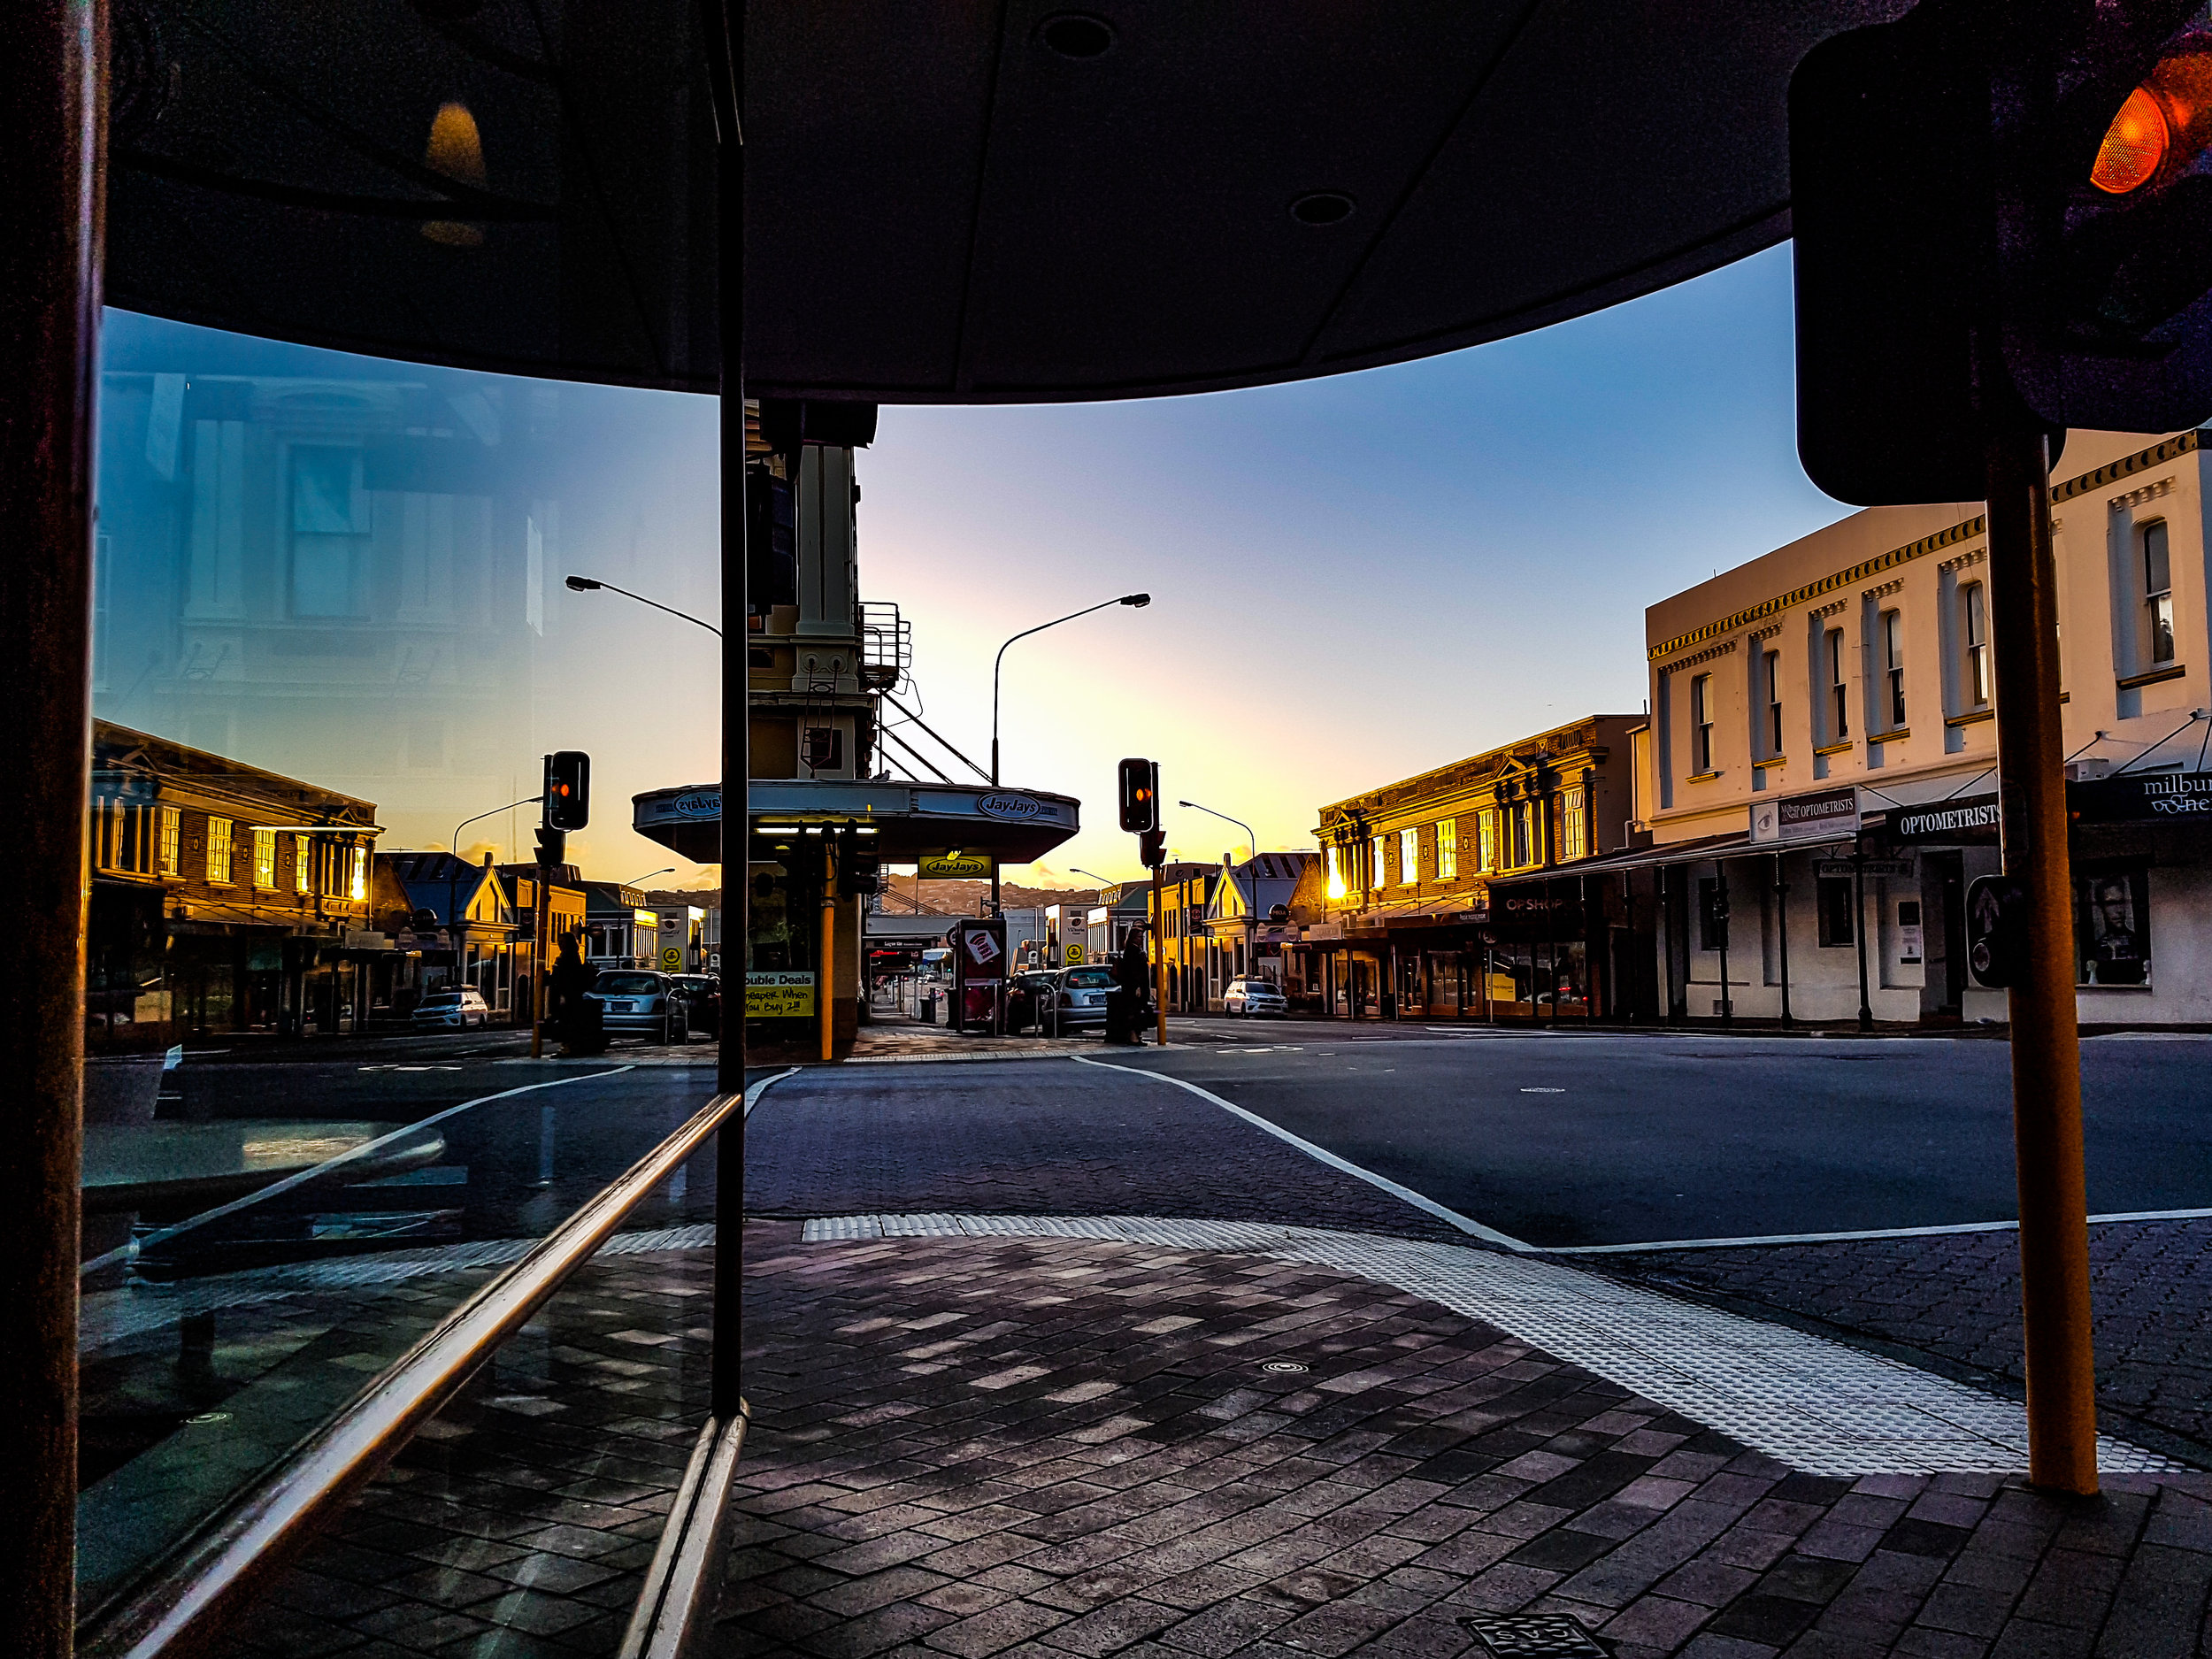 Reflection in a window of Dunedin shops